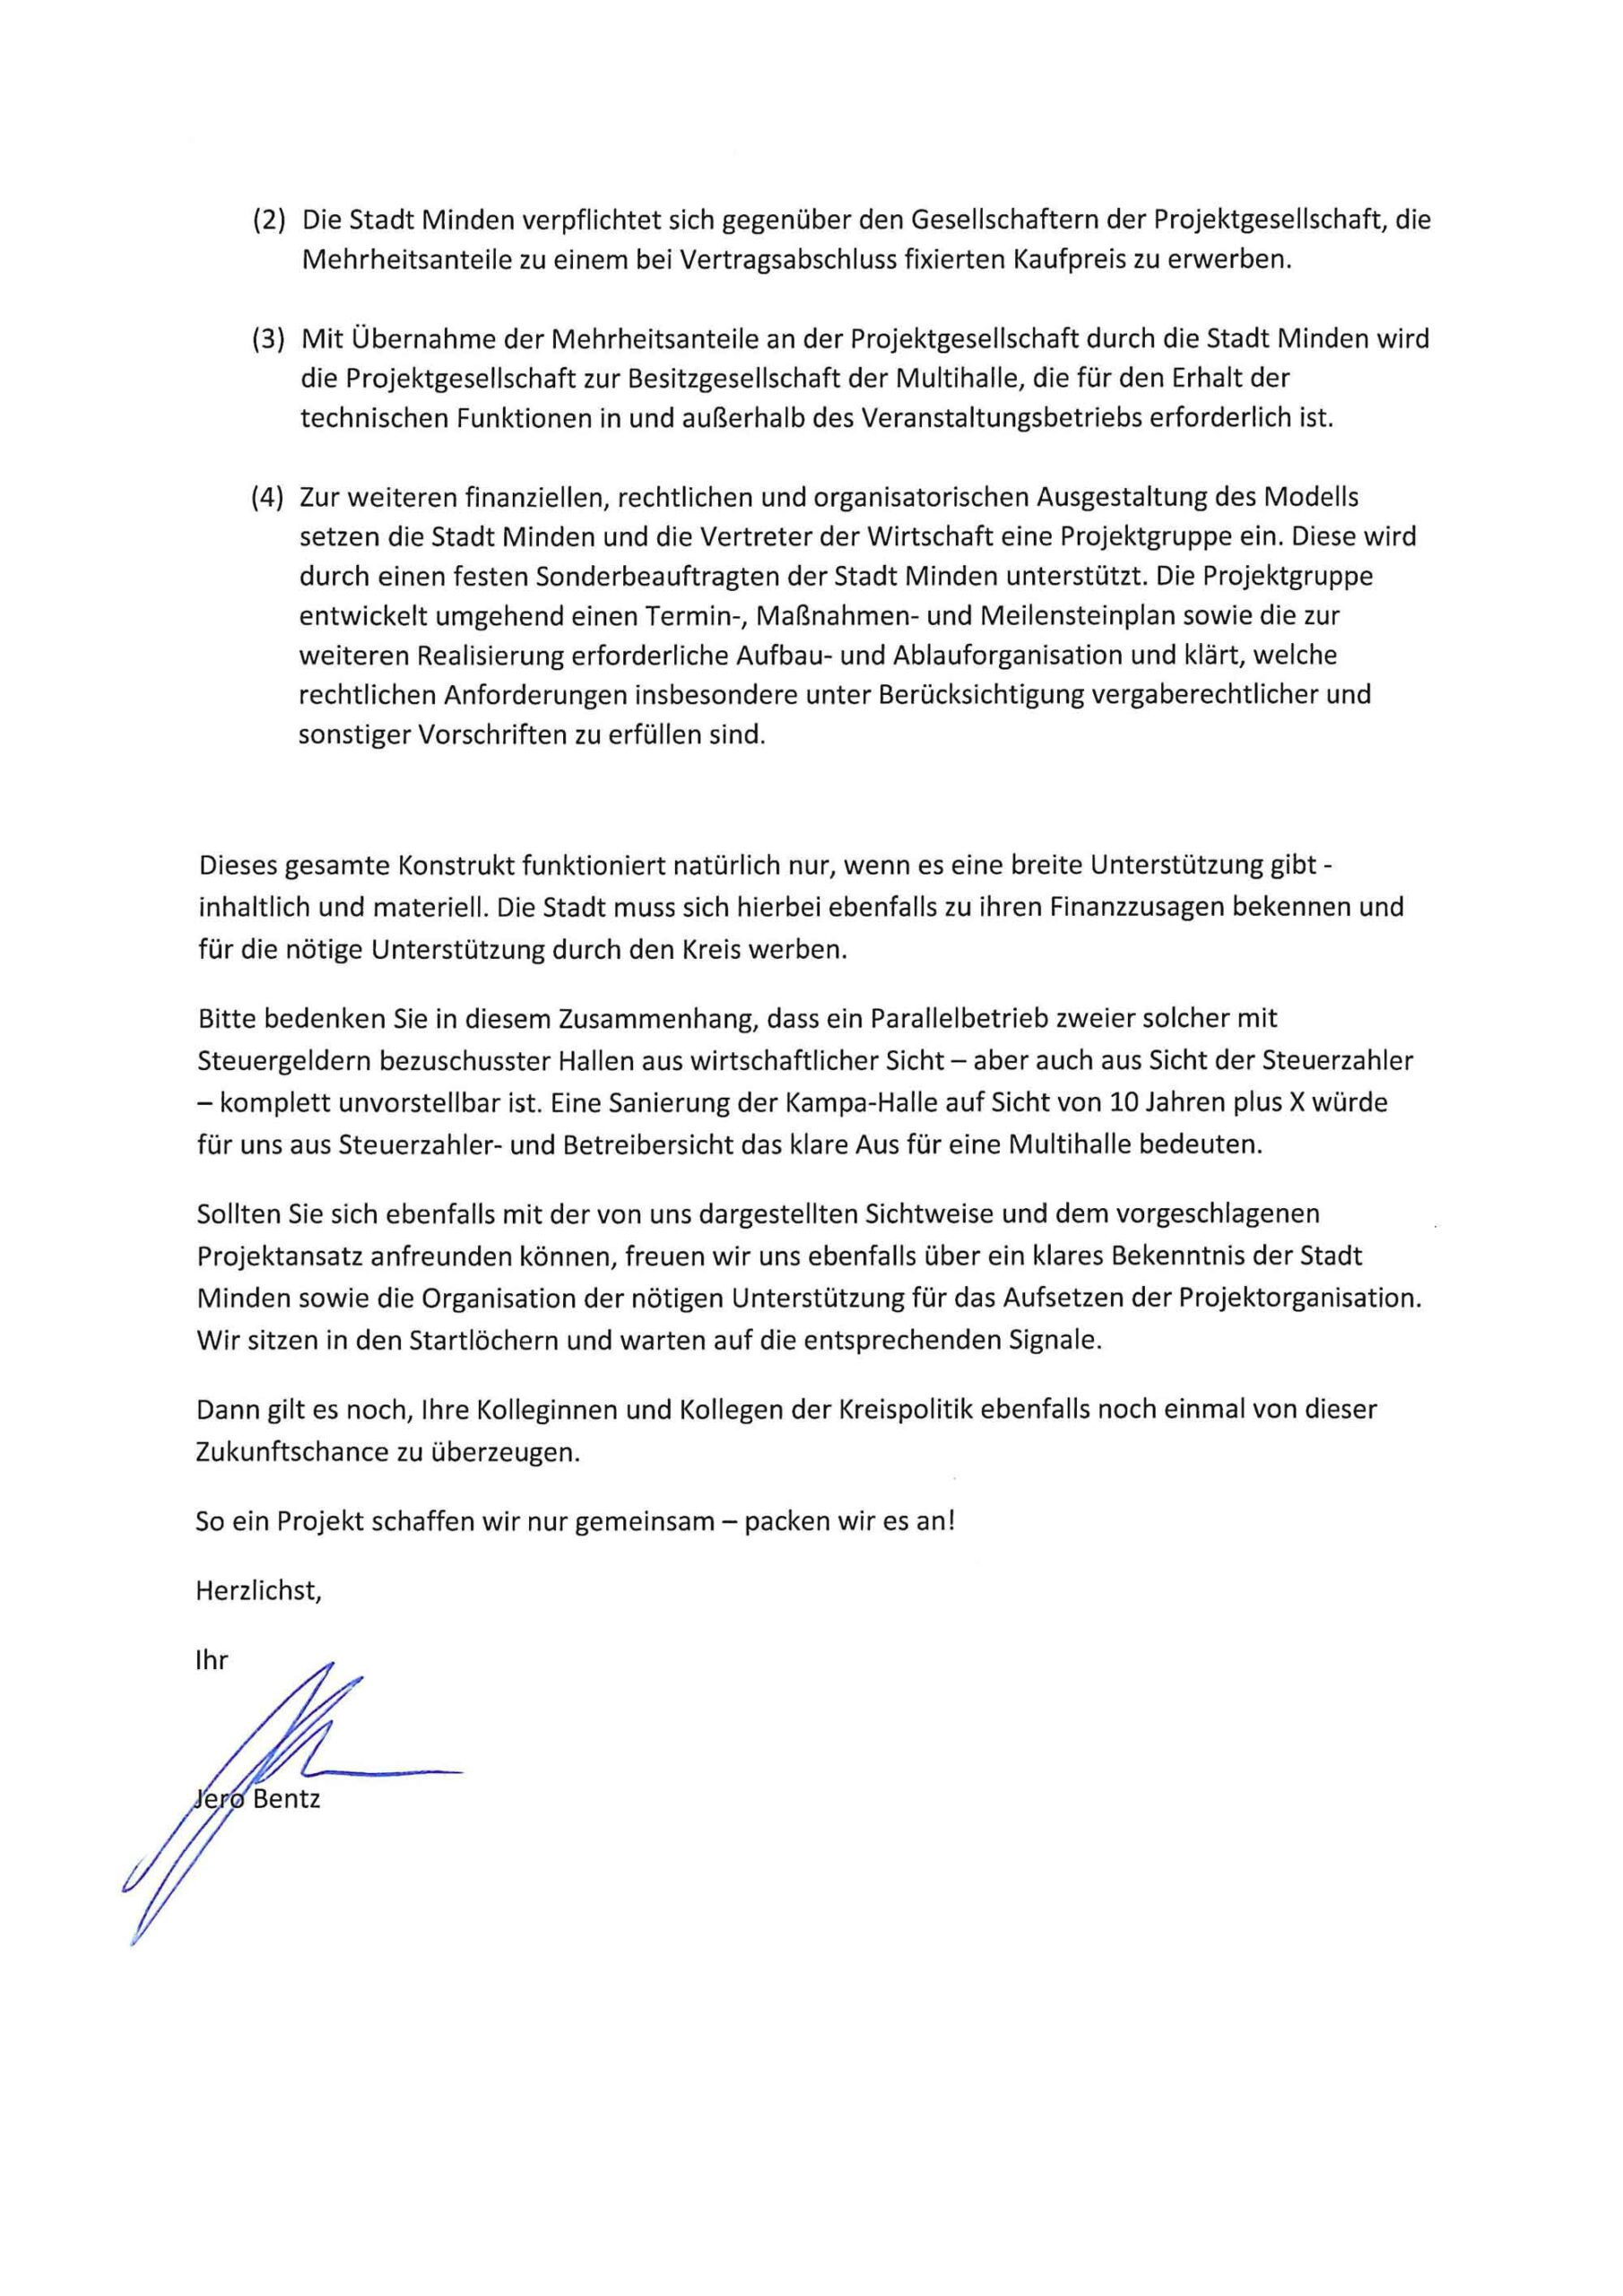 Seite 2 des Briefs von Jero Bentz an Bürgermeister und Rat Minden